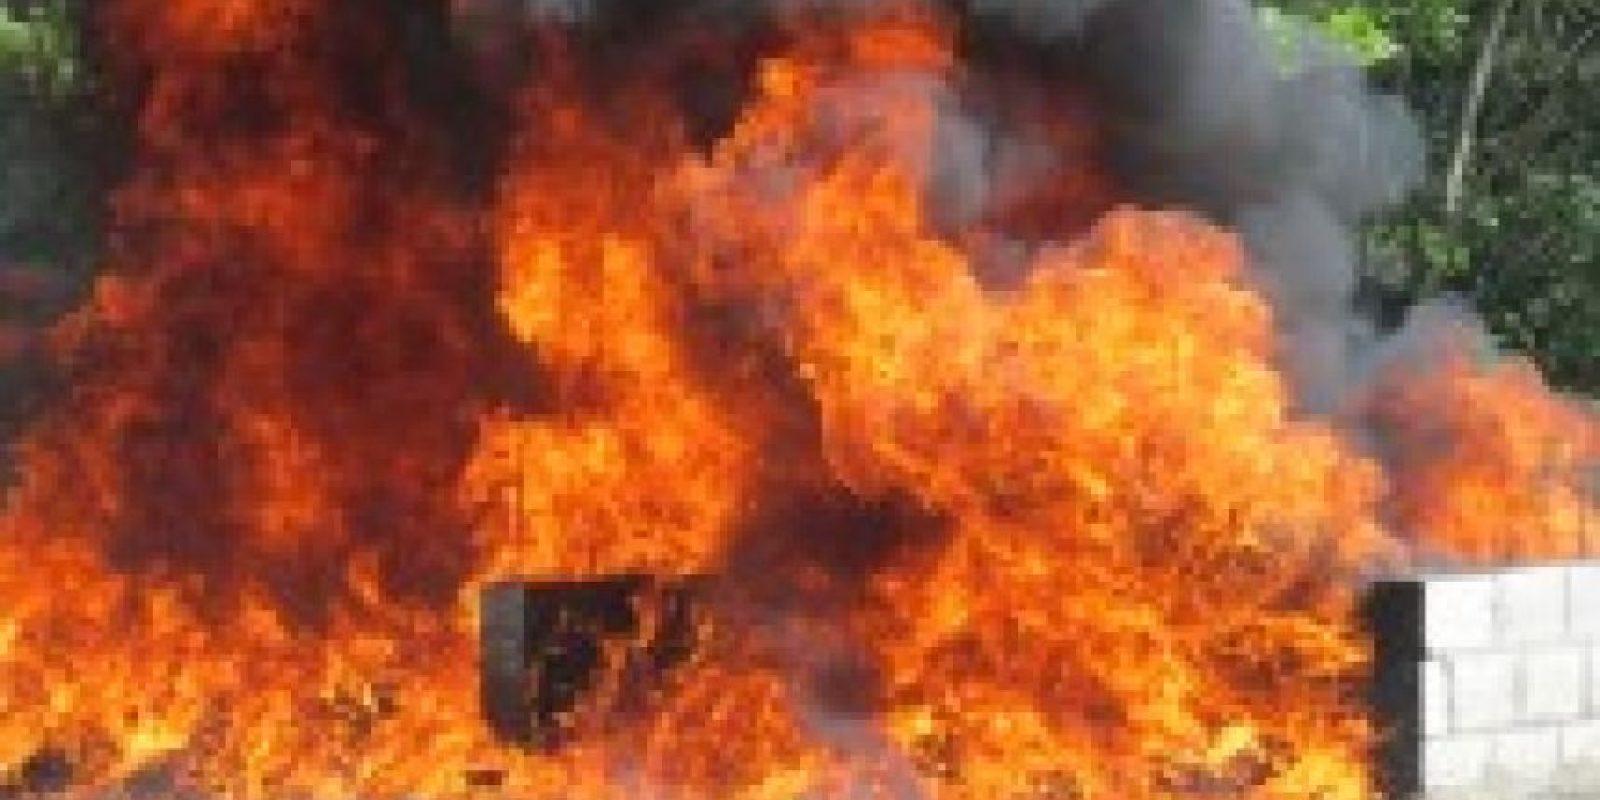 Drogas incineradas Foto:Procuraduría General de la República Domiinicana